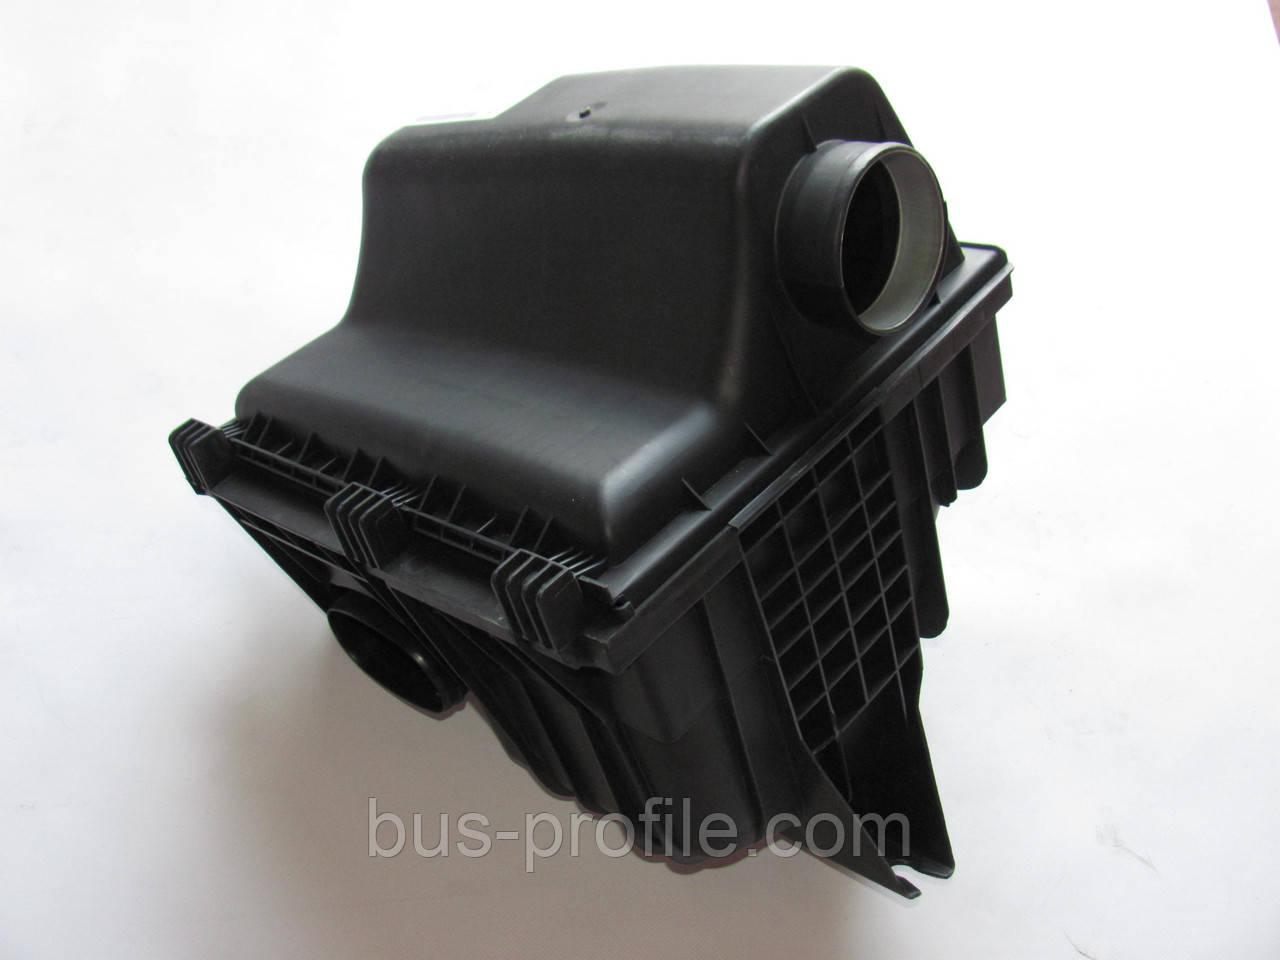 Корпус воздушного фильтра на MB Sprinter CDI 2000-2006 — Autotechteile — ATT0929